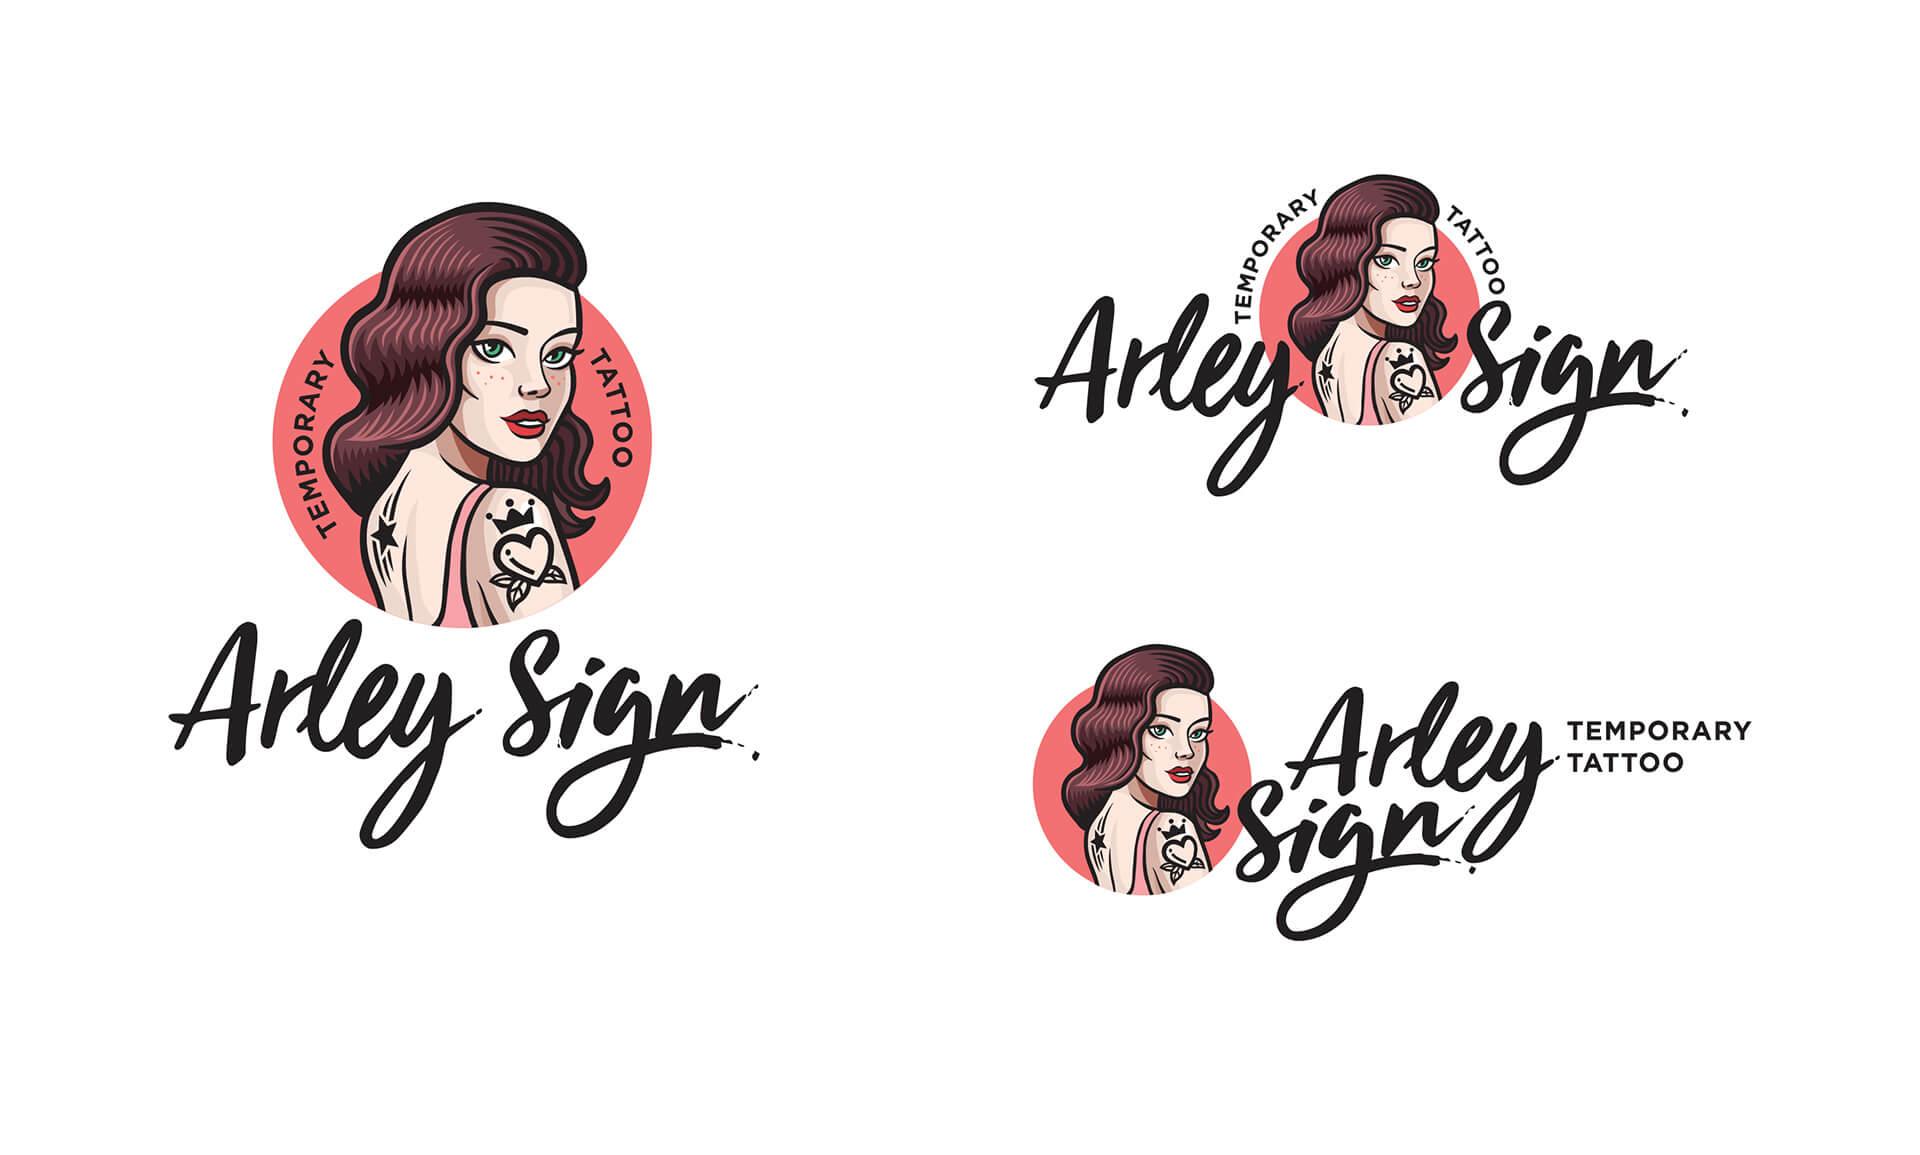 Додаткові версії логотипа «Arley Sign»